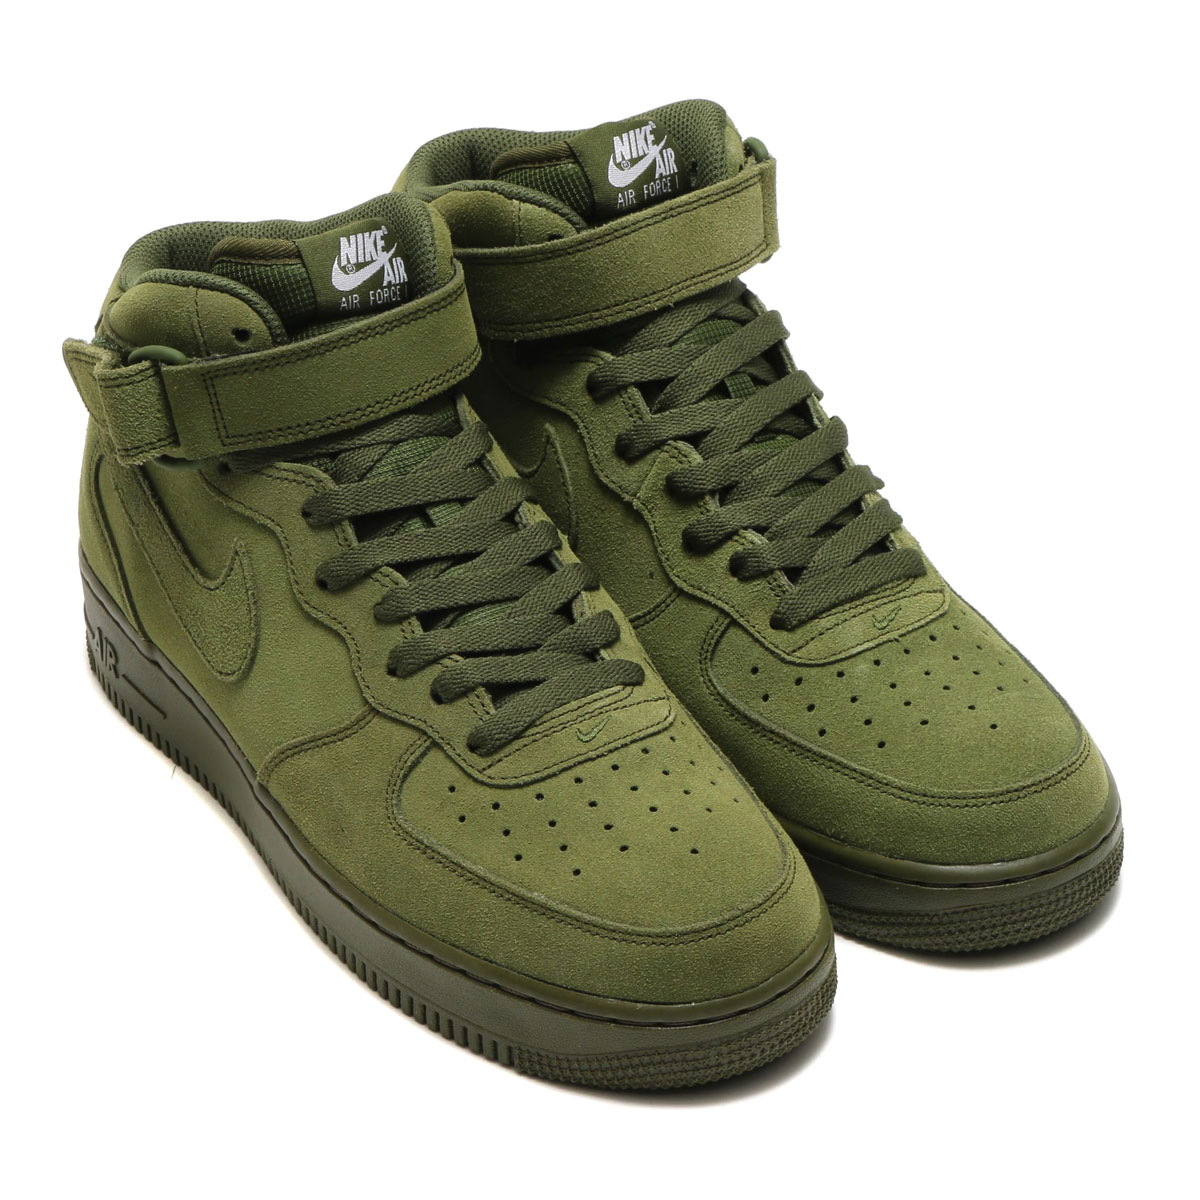 nike air force 1 mid 07 verde oliva